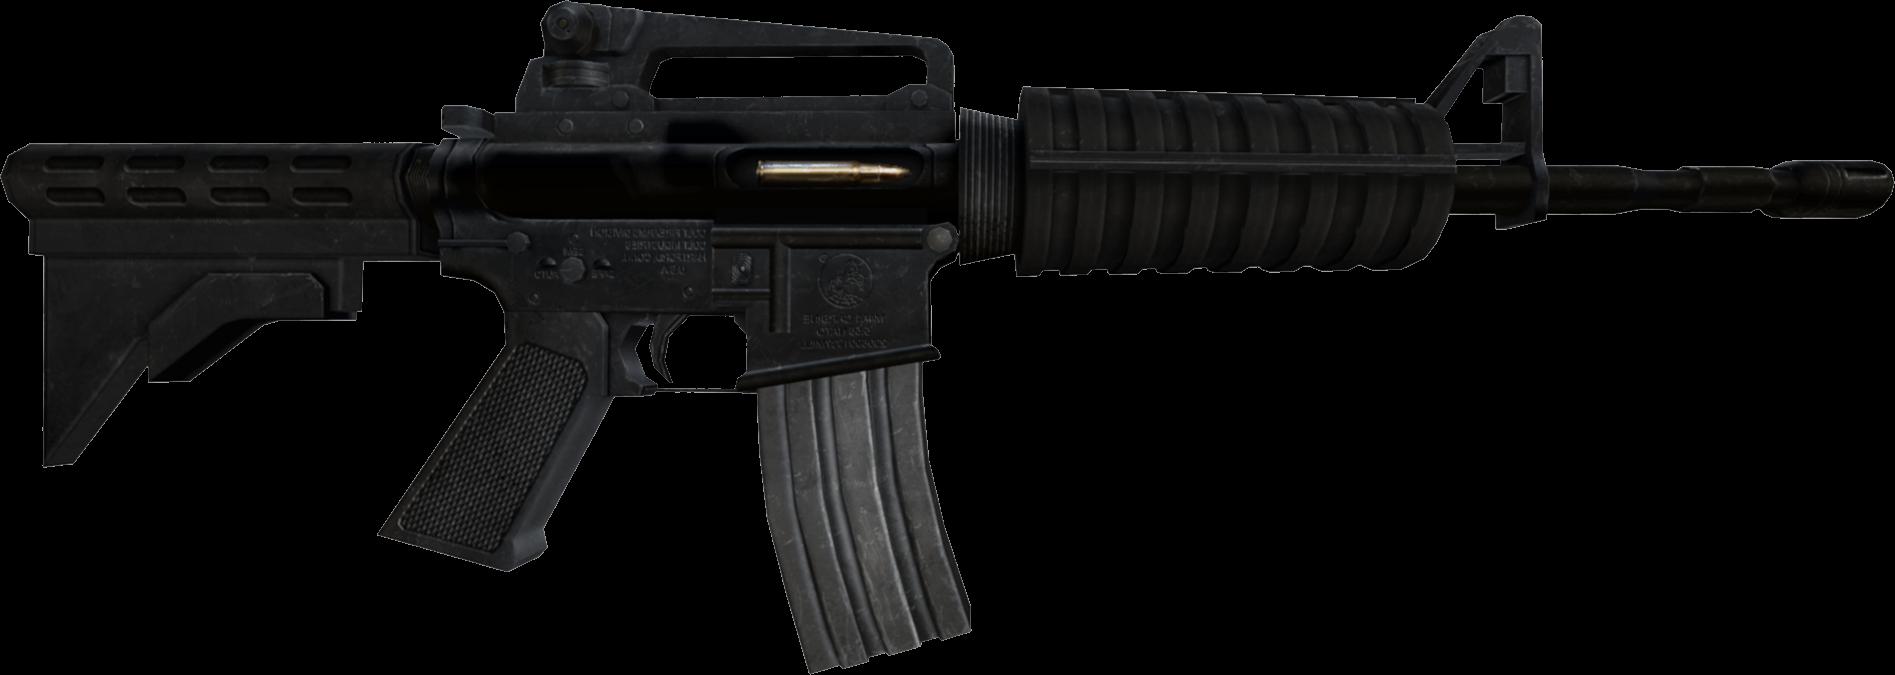 Assault Rifle PNG - 17702